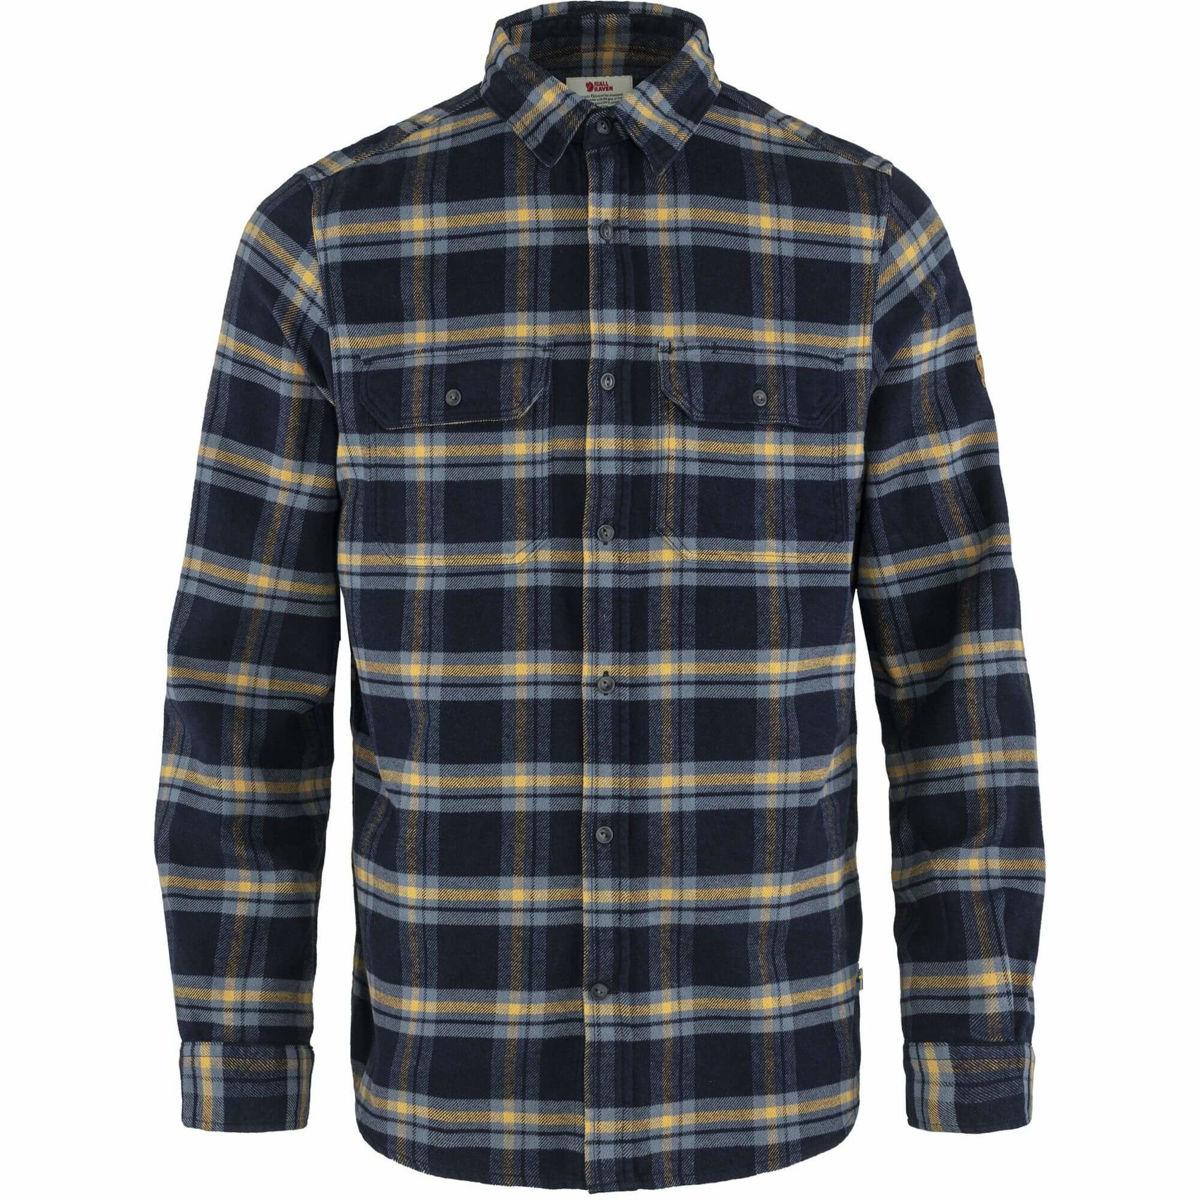 Bilde av Övik Heavy Flannel Shirt M